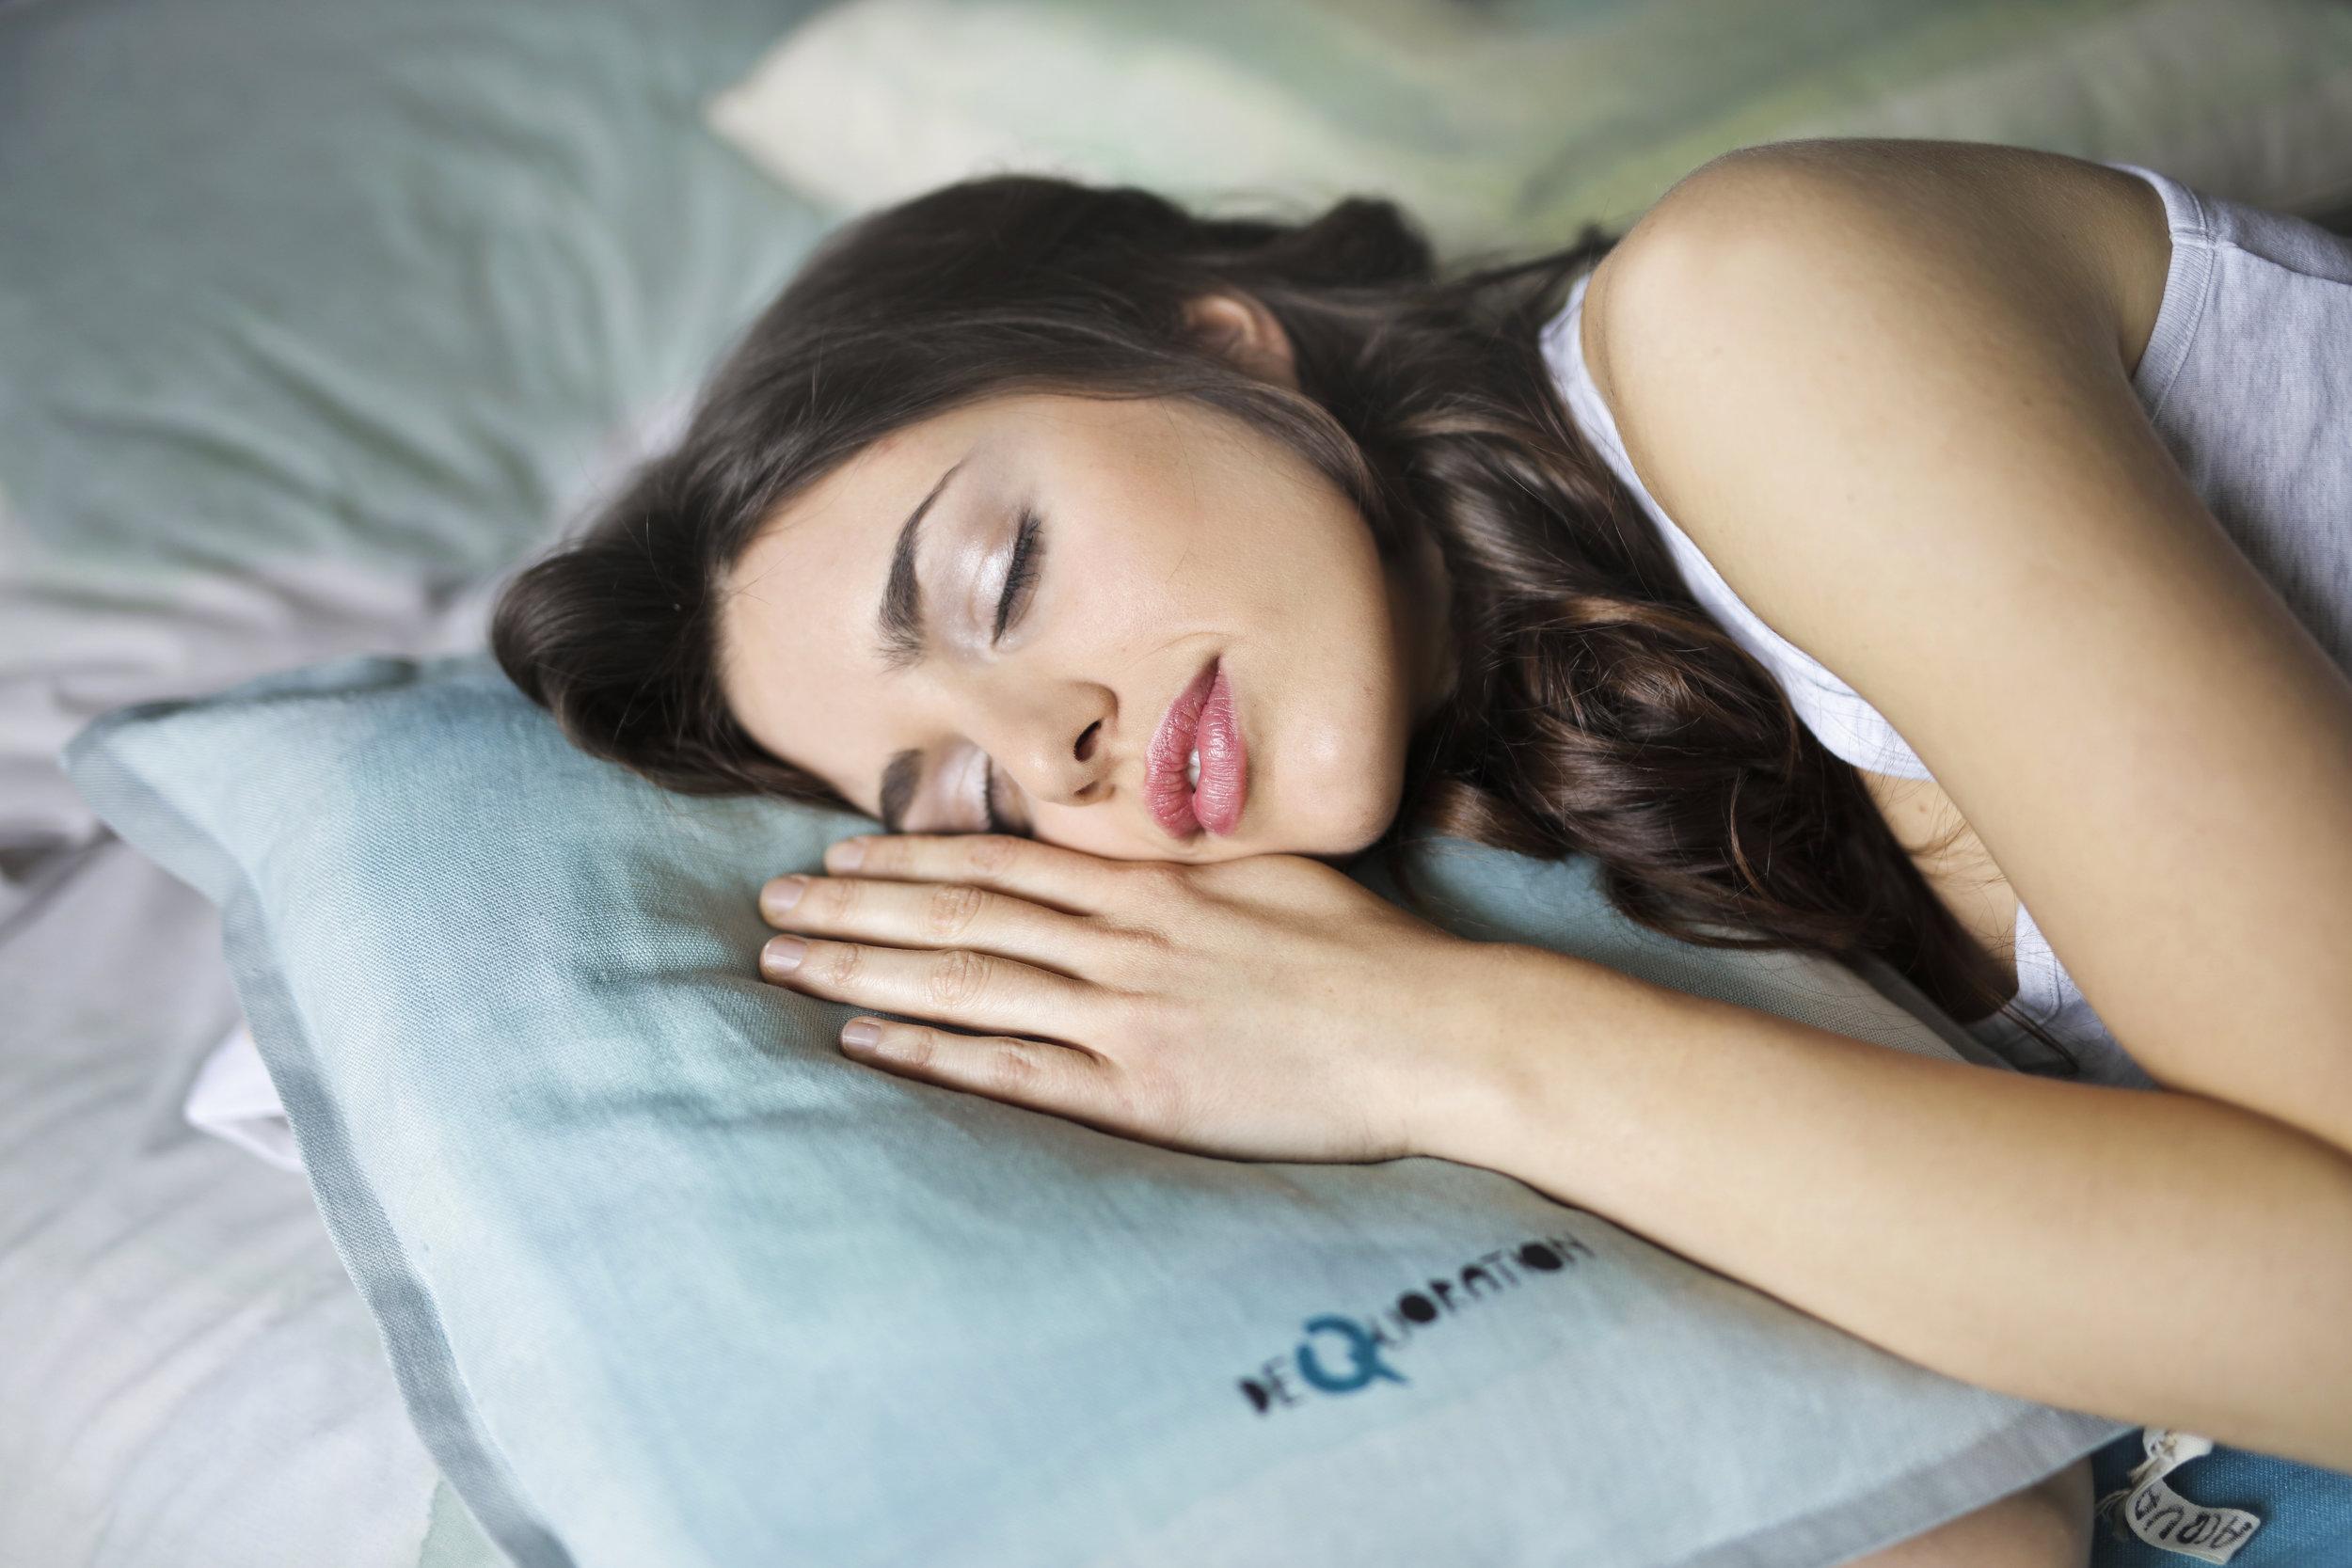 kvinder-sover-med-hovedet-på-en-pude